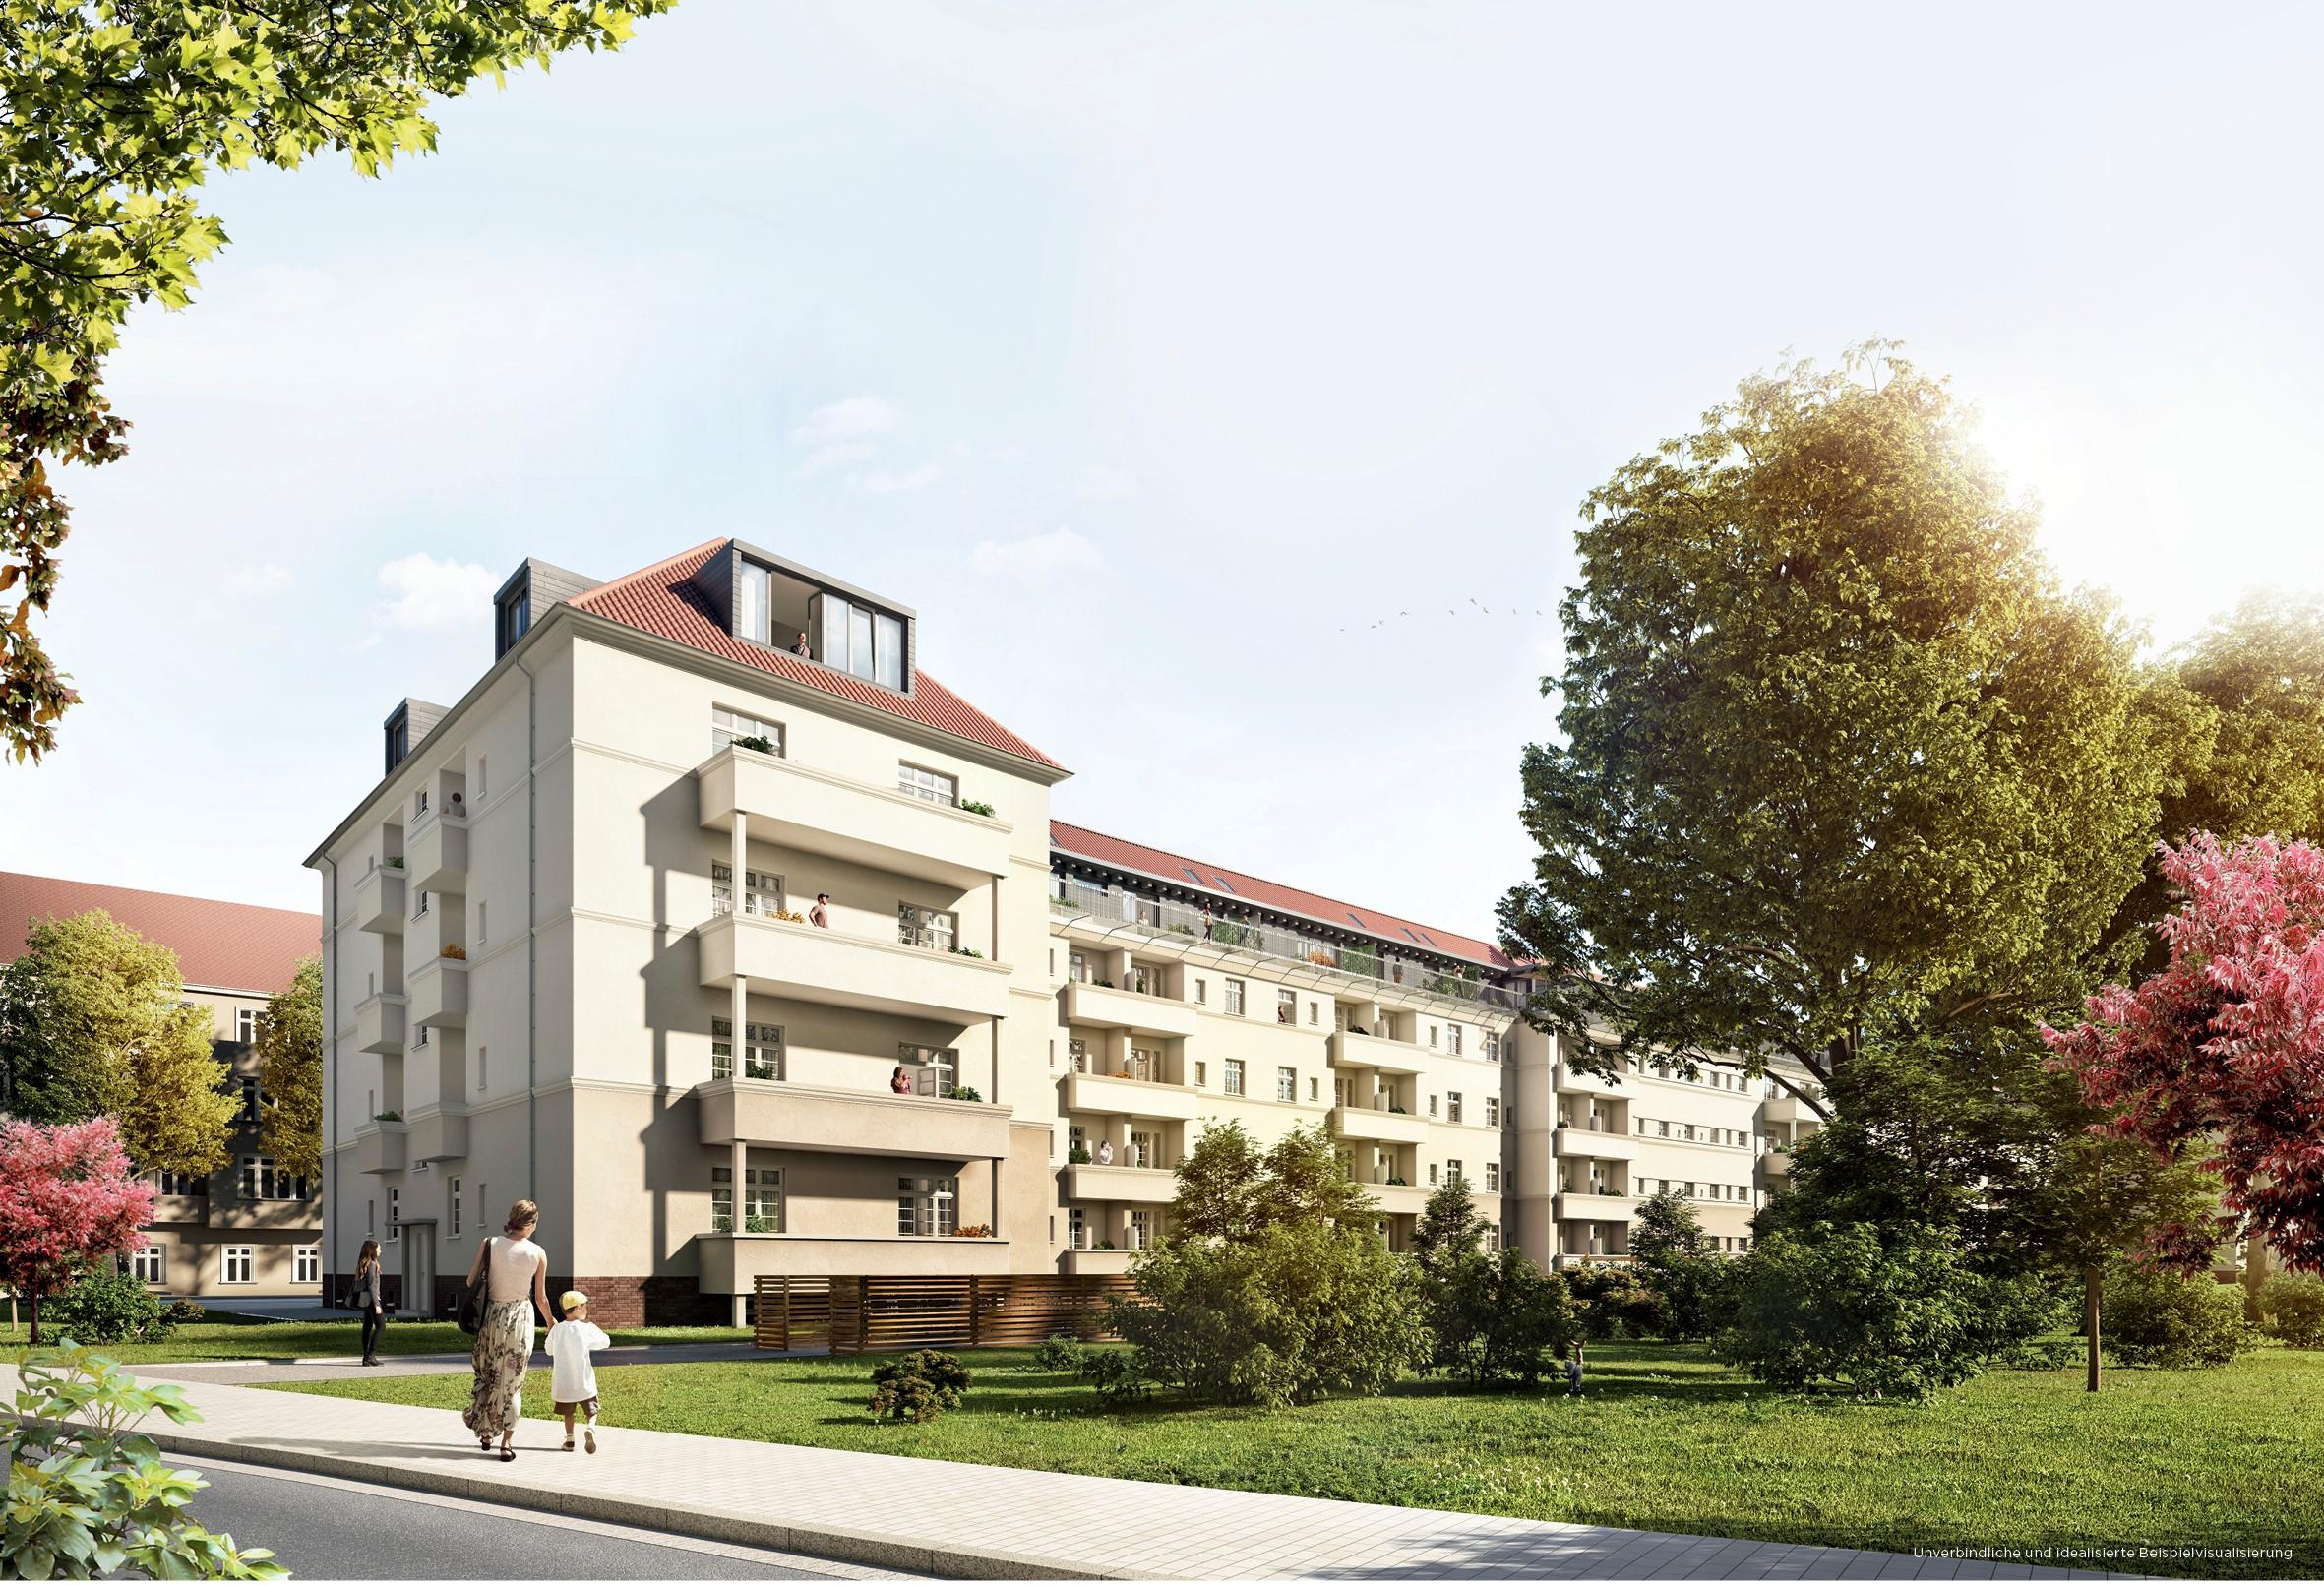 Berlin Spandau - Bautenstand Juni 2020